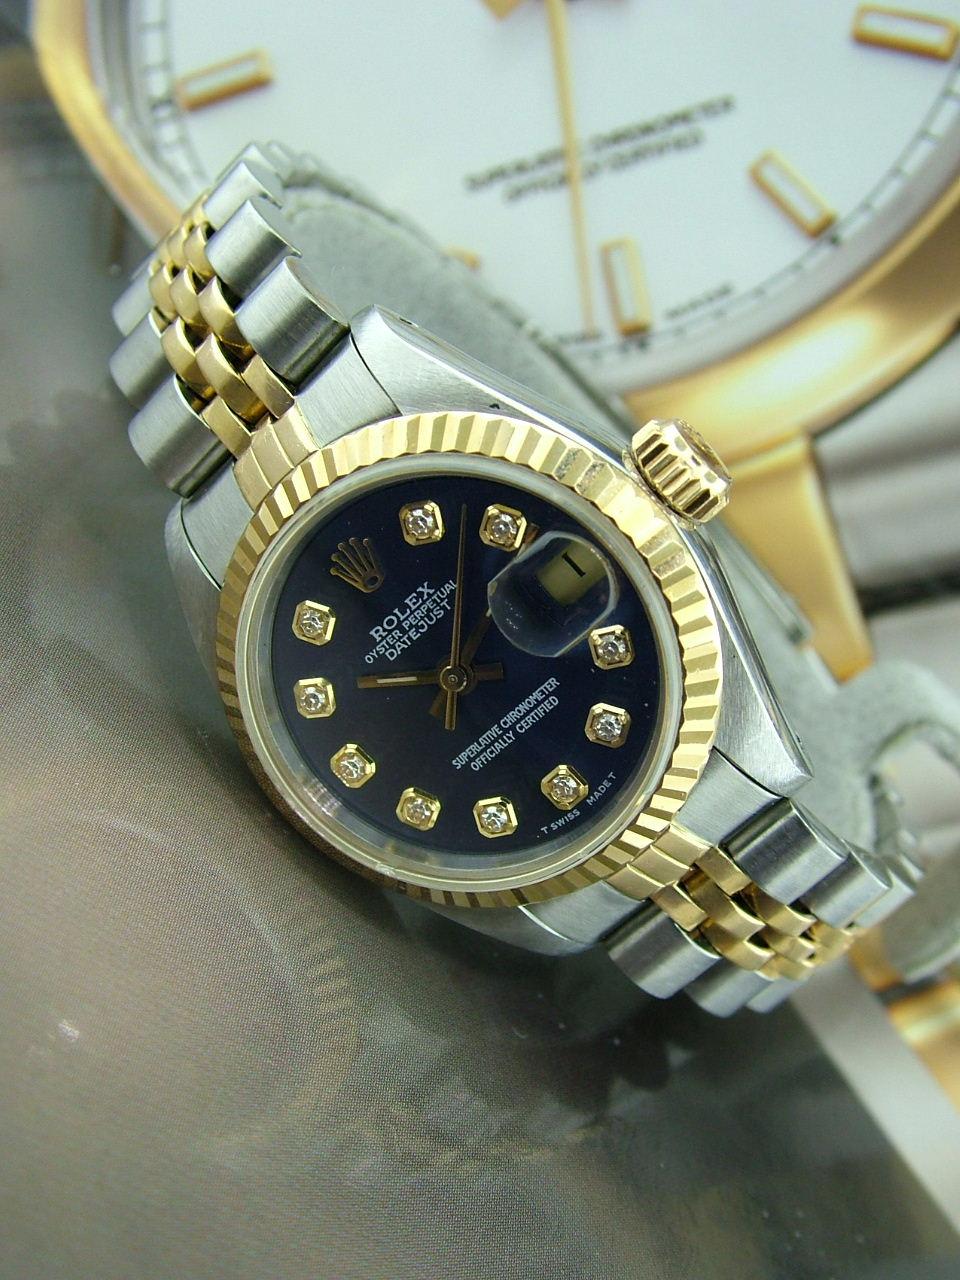 c039610d7 للمتميزين فقط للبيع ساعة رولكس اصلية | المؤشرنت